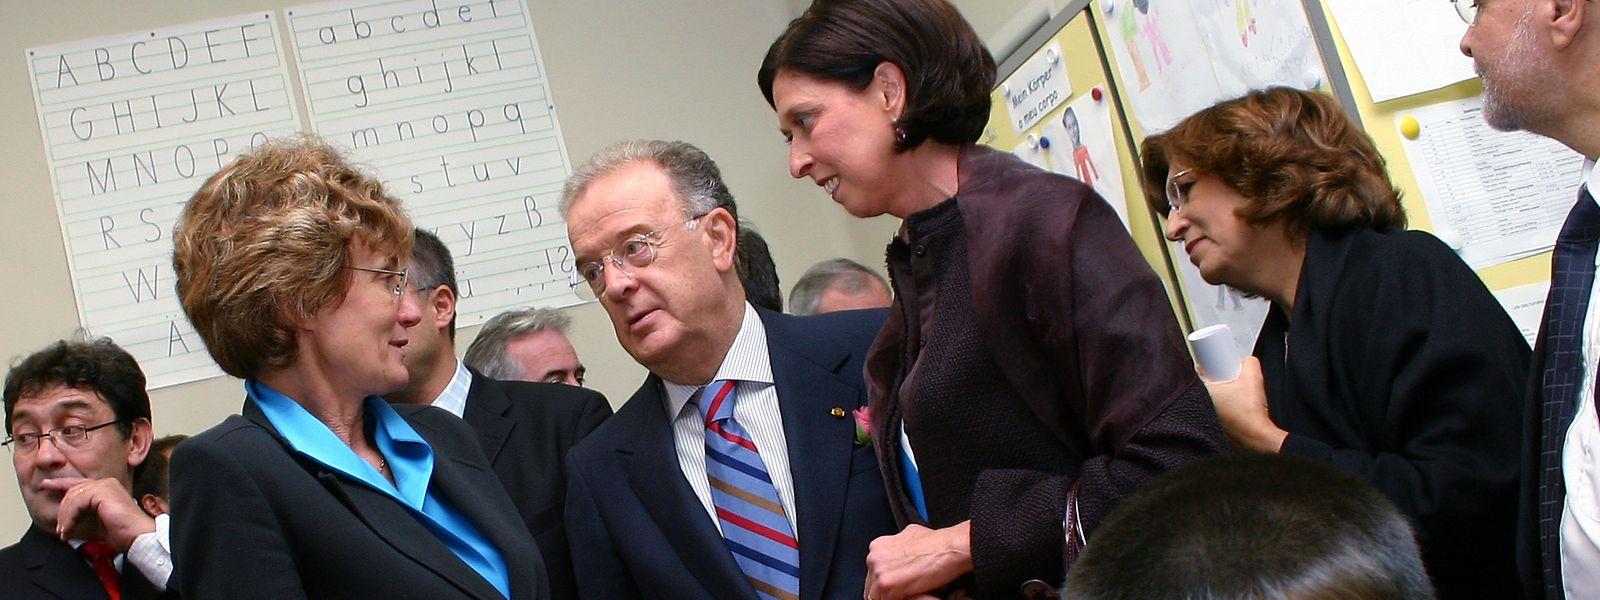 Jorge Sampaio em visita ao Grão-Ducado, em 2004, visitou a escola de Brill, em Esch-sur-Alzette.